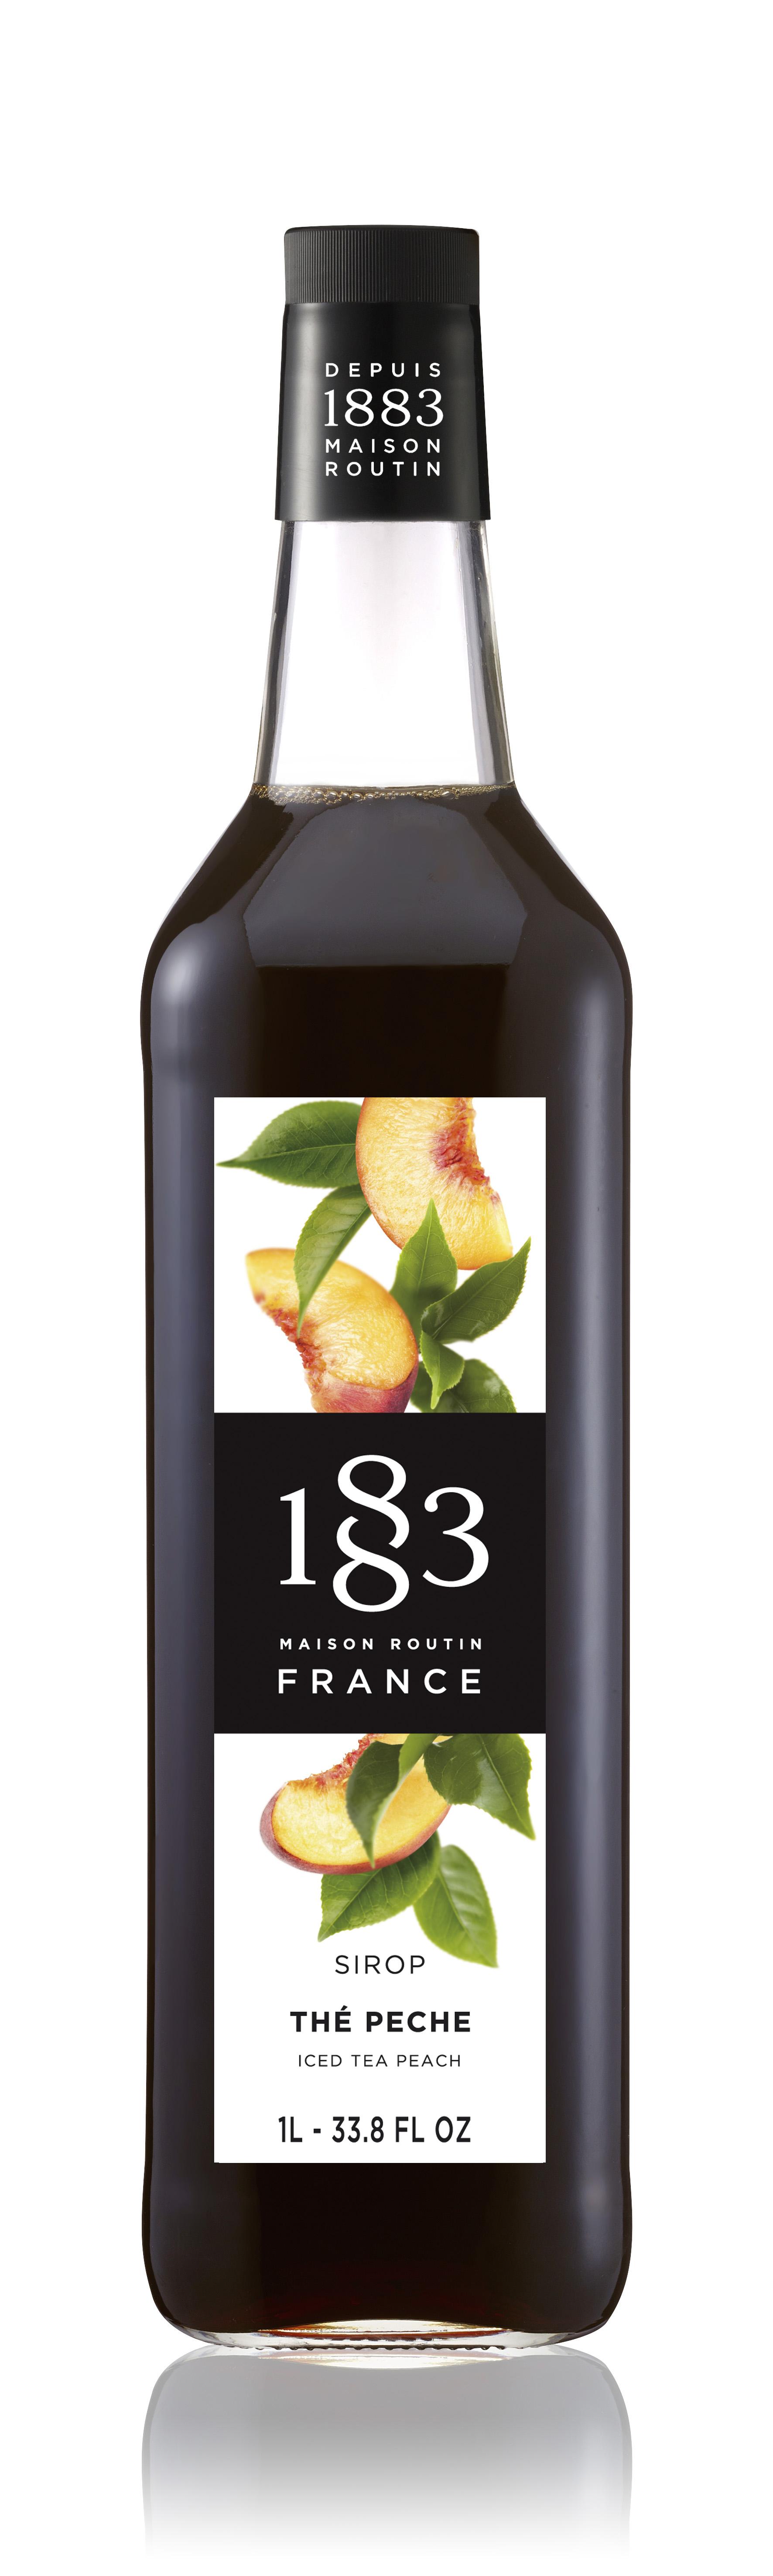 1883 Syrup Iced Tea Peach  1L Glass Bottle